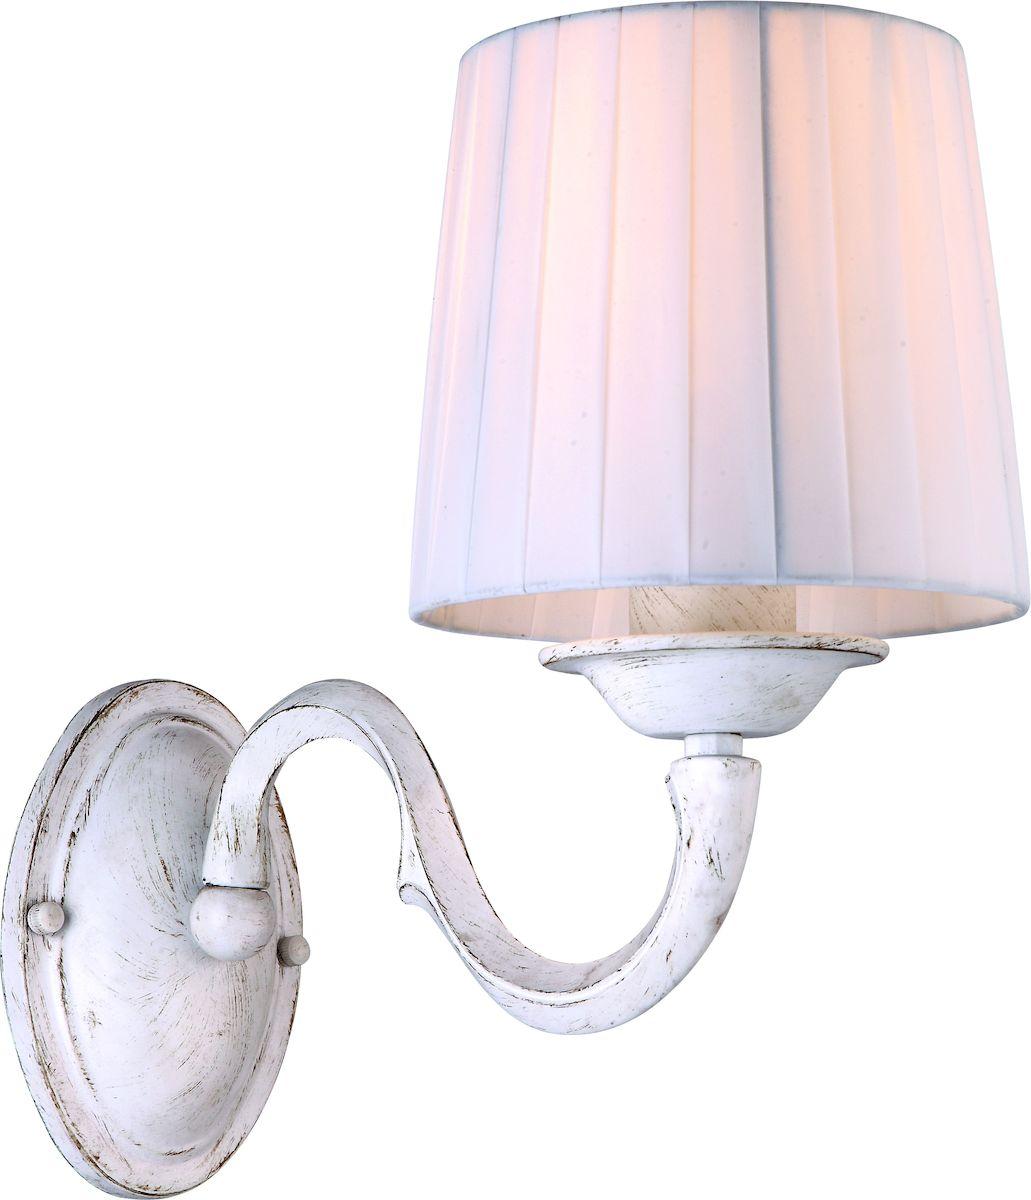 Светильник настенный Arte Lamp Alba A9395AP-1WGA9395AP-1WGНастенный светильник Arte Lamp Alba станет украшением вашей комнаты и оригинально дополнит интерьер. Изделие крепится к стене. Такой светильник отлично подойдет для освещения кабинета, столовой, спальни или гостиной.